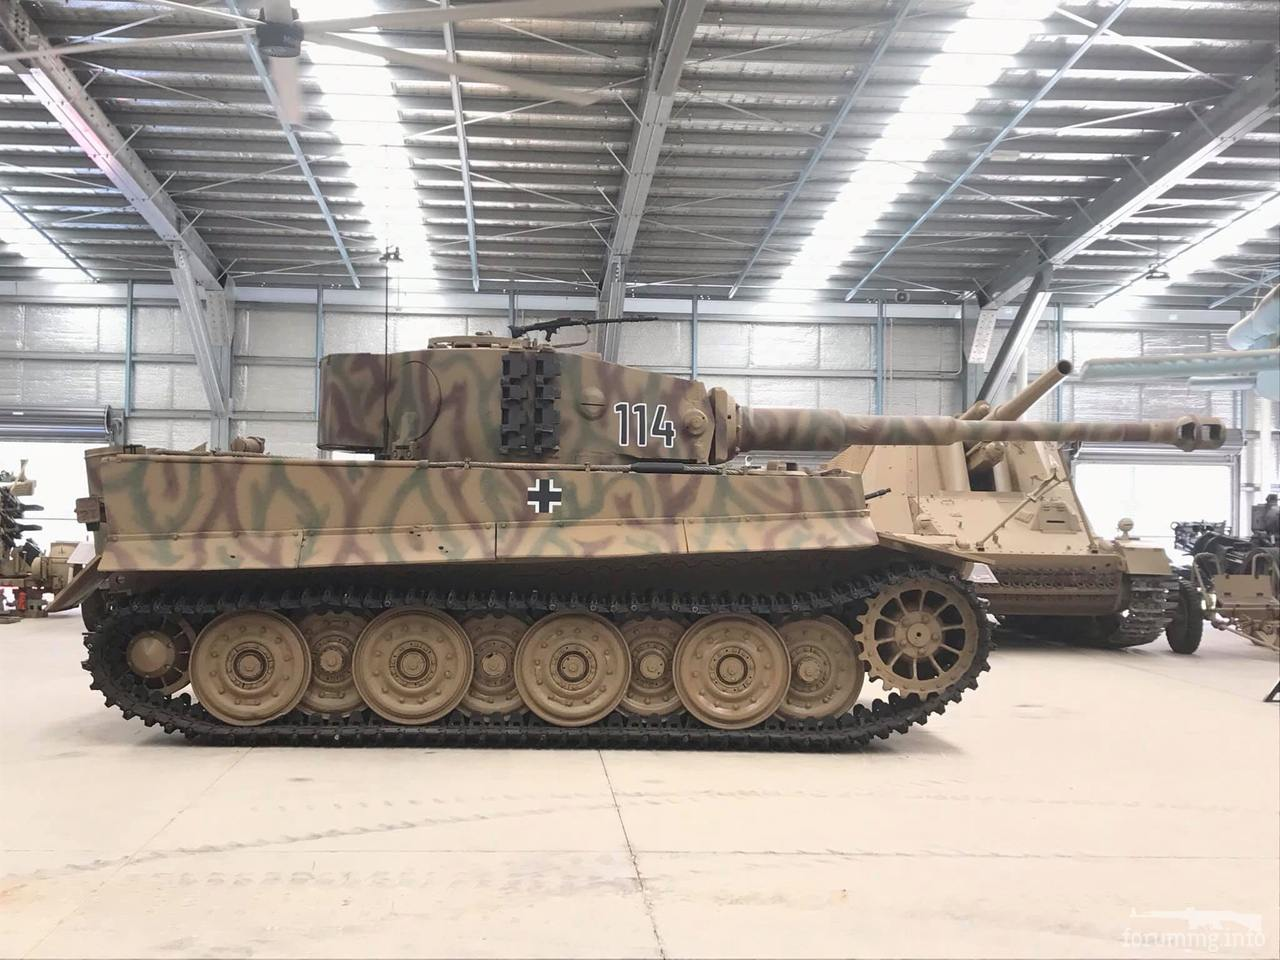 137985 - Achtung Panzer!